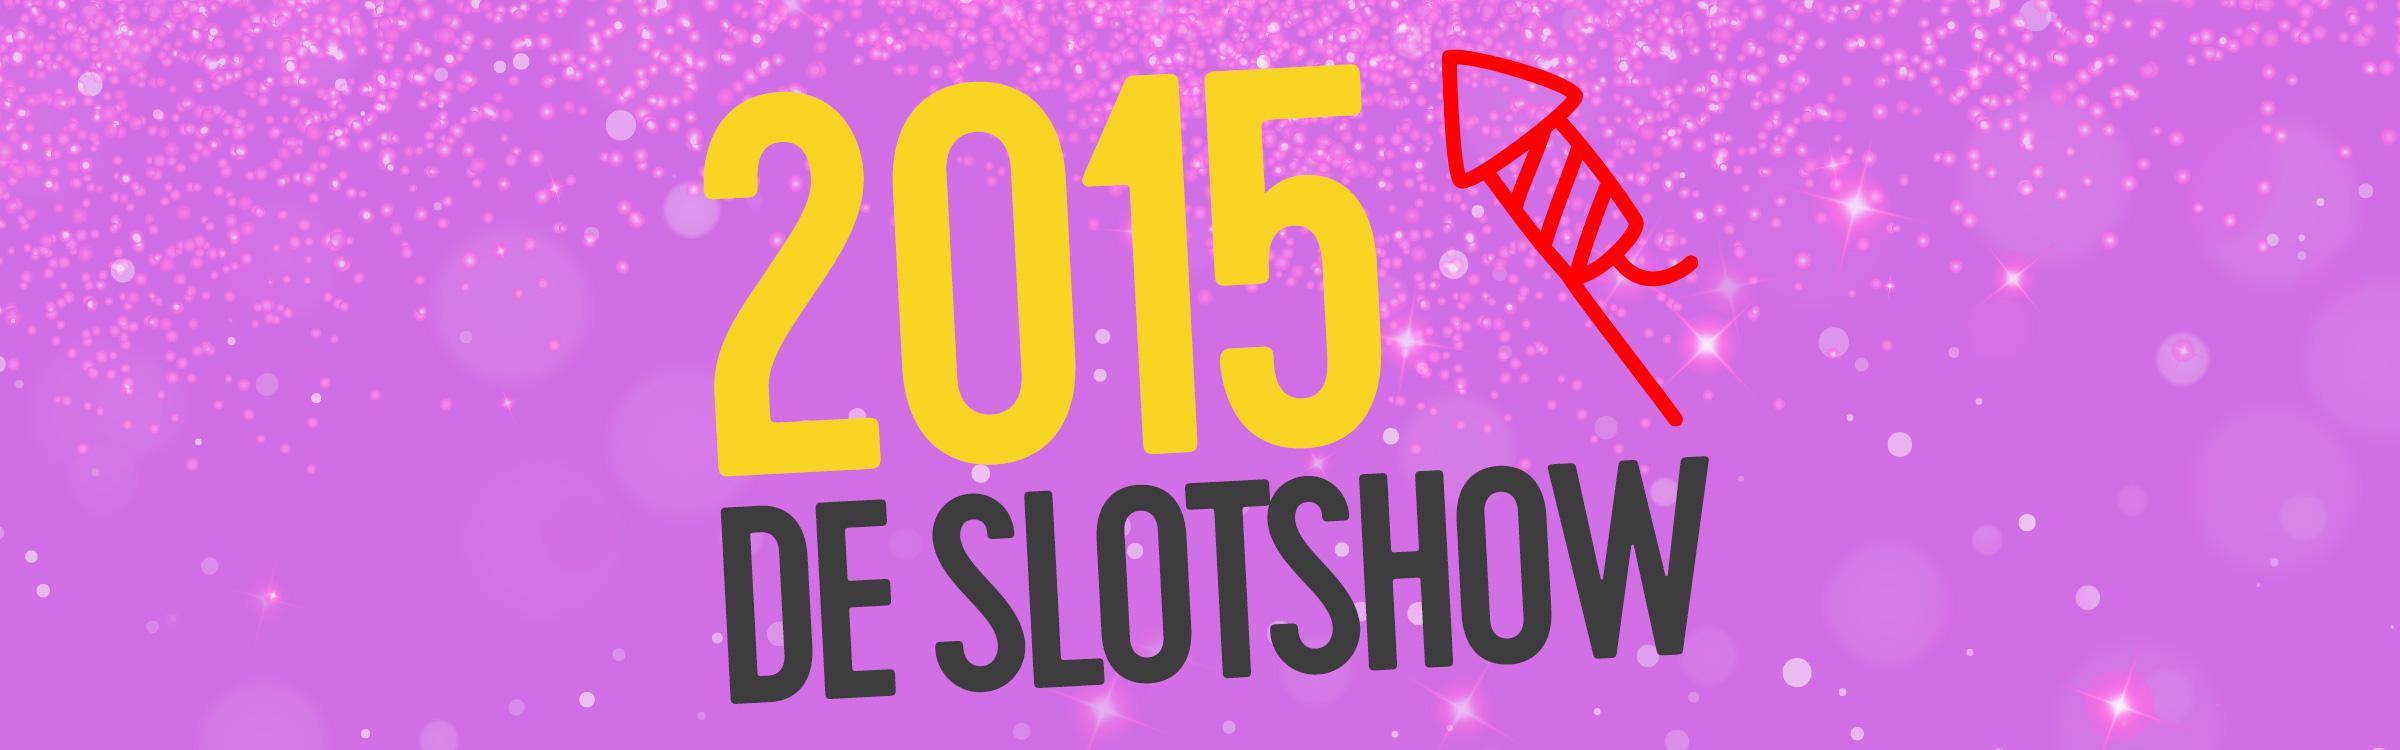 Q 2400x750 2015 deslotshow